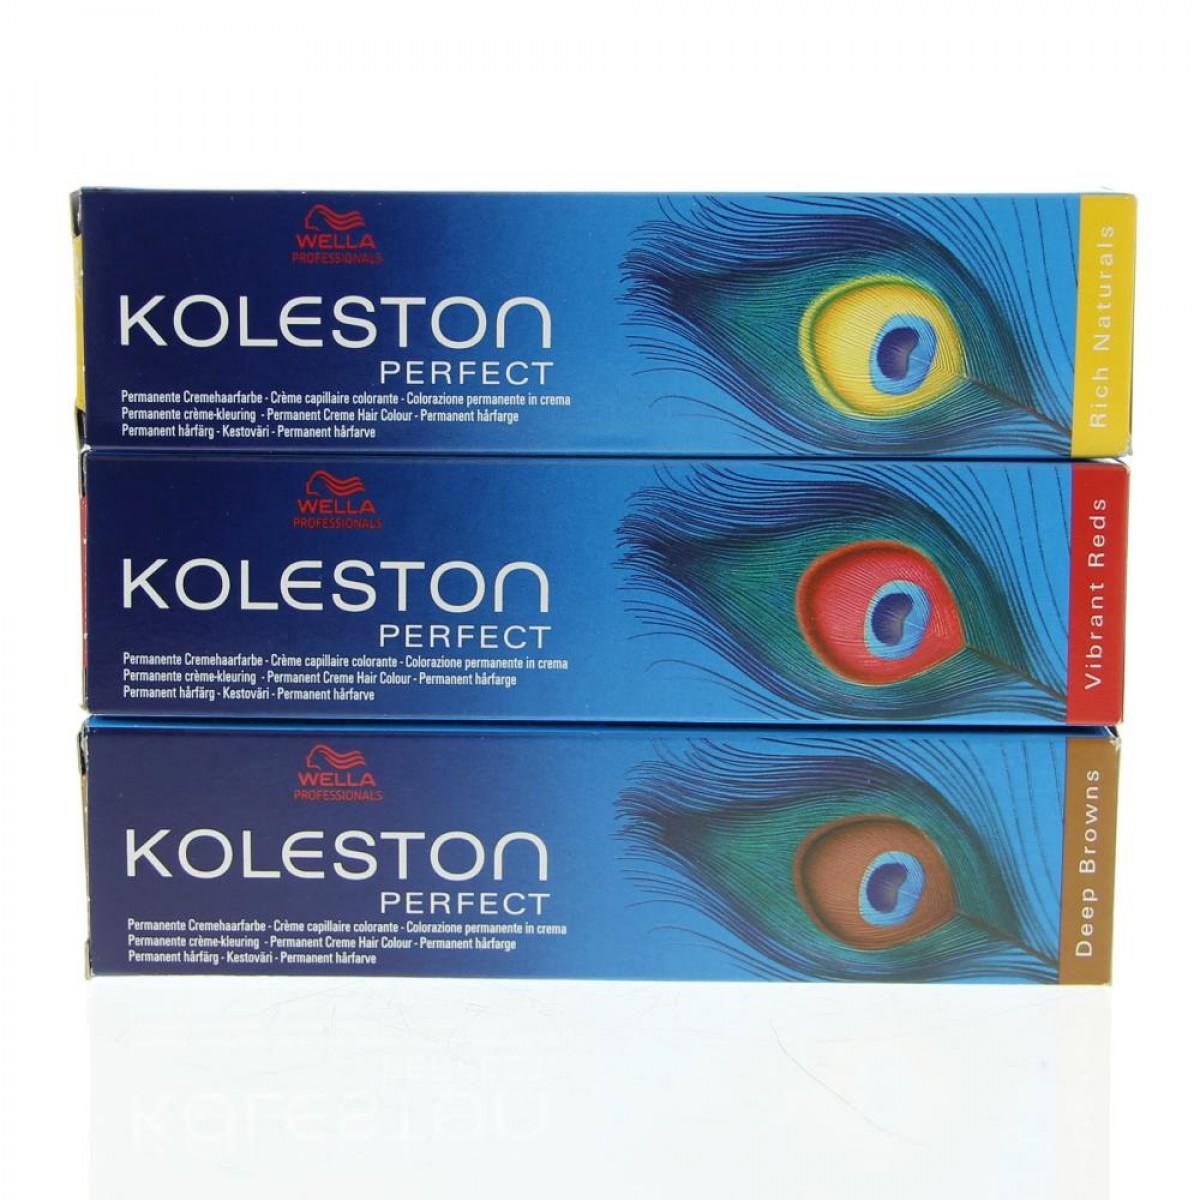 Wella Koleston Perfect Haarverf 8/96 60ml